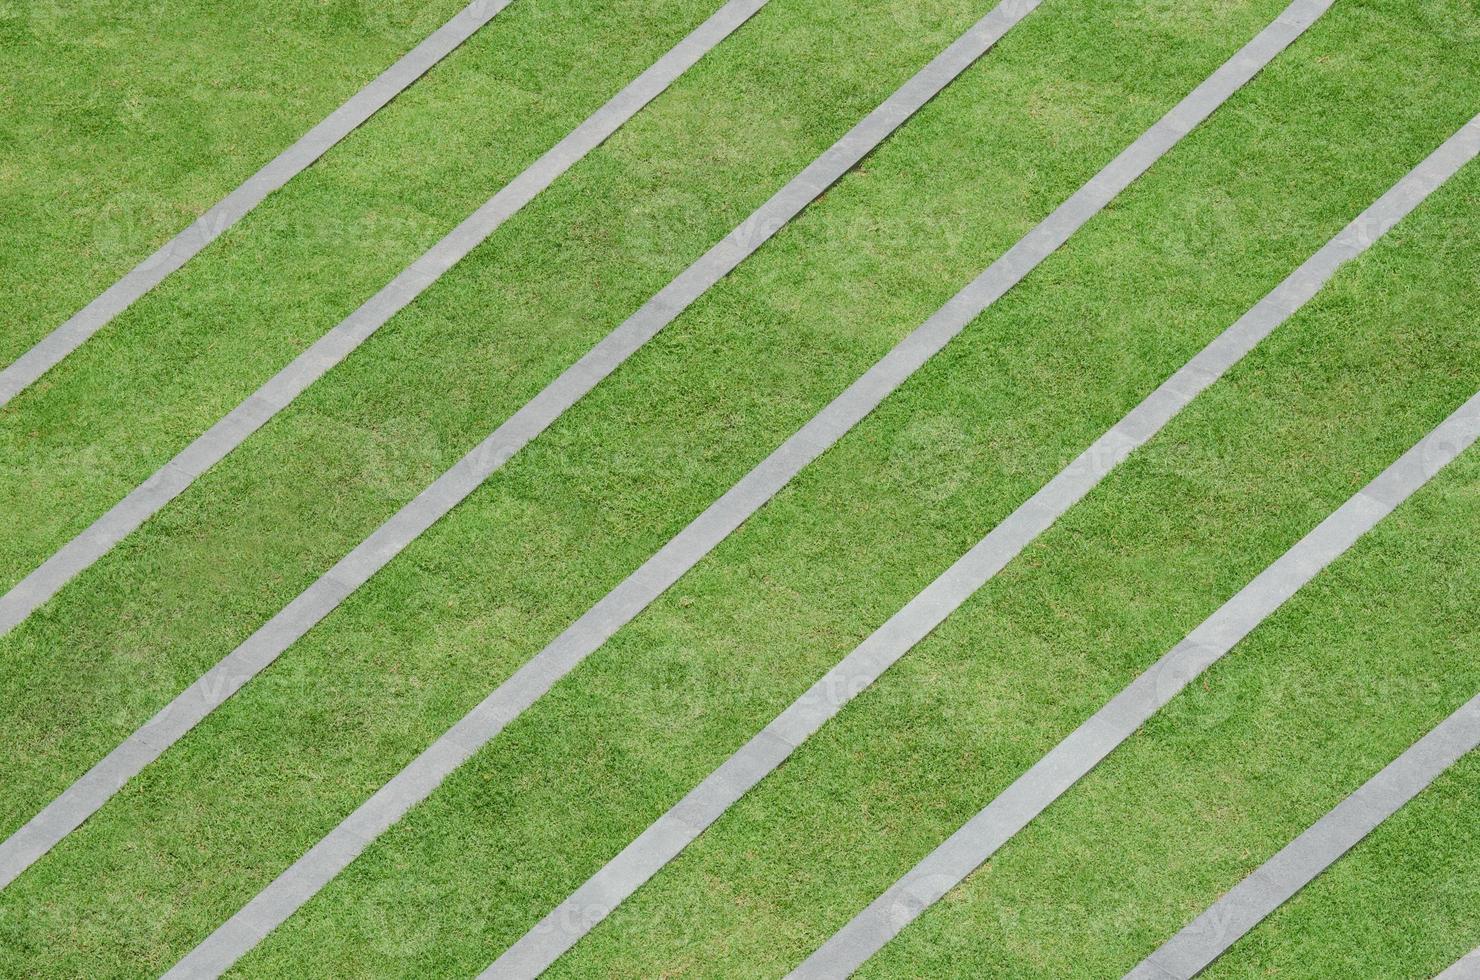 modello di erba foto